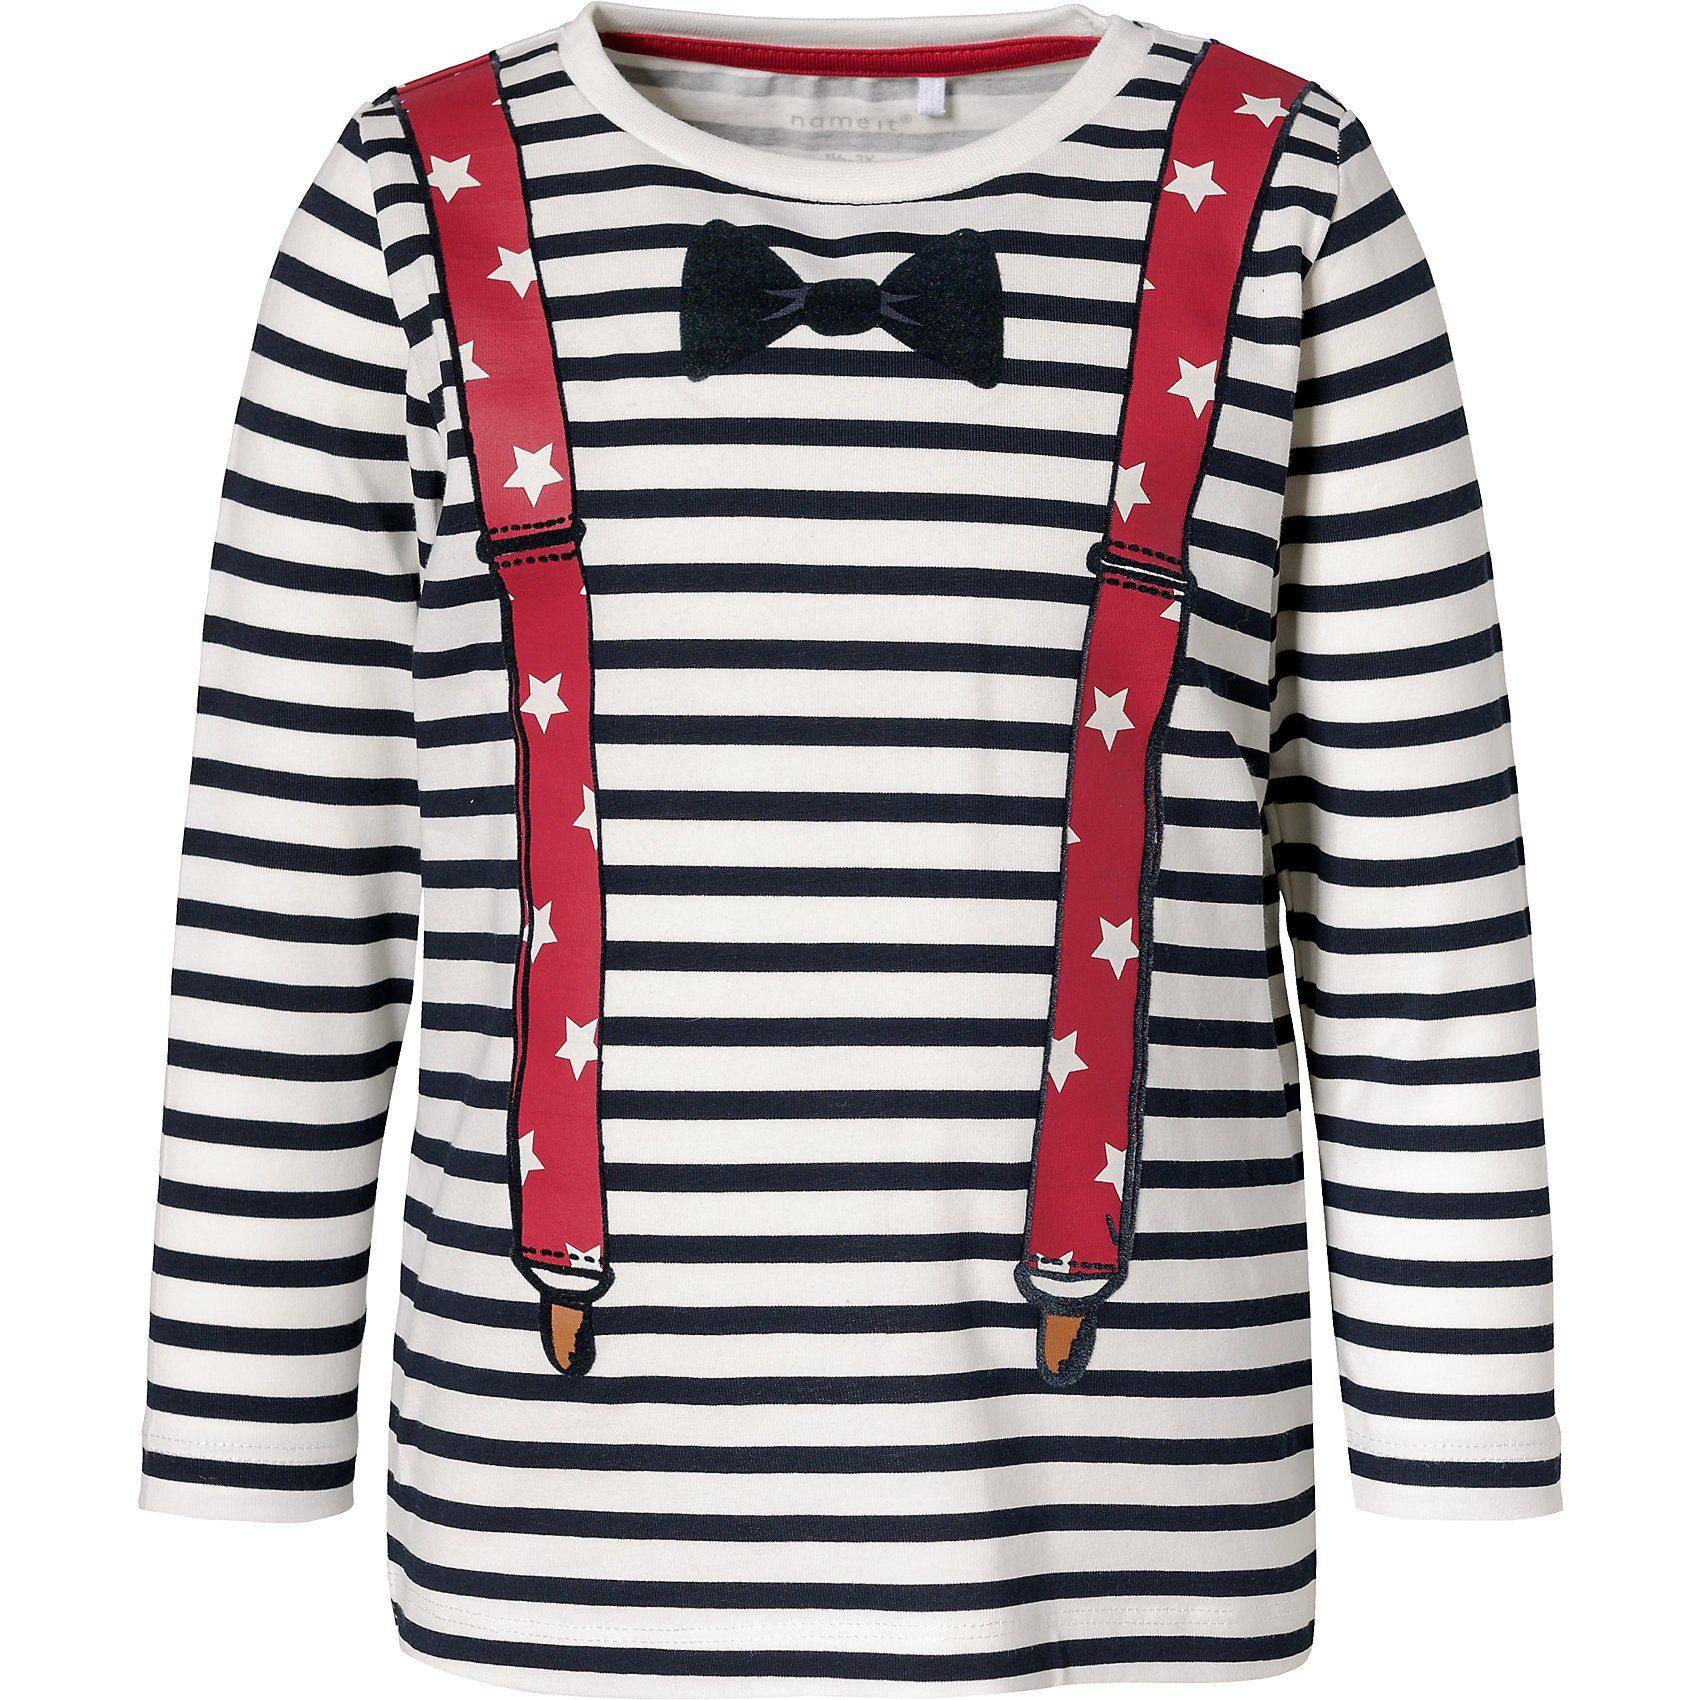 Jungen Baby 2er-packung Bär Mond Sterne Schlafanzug Baumwolle Strampler